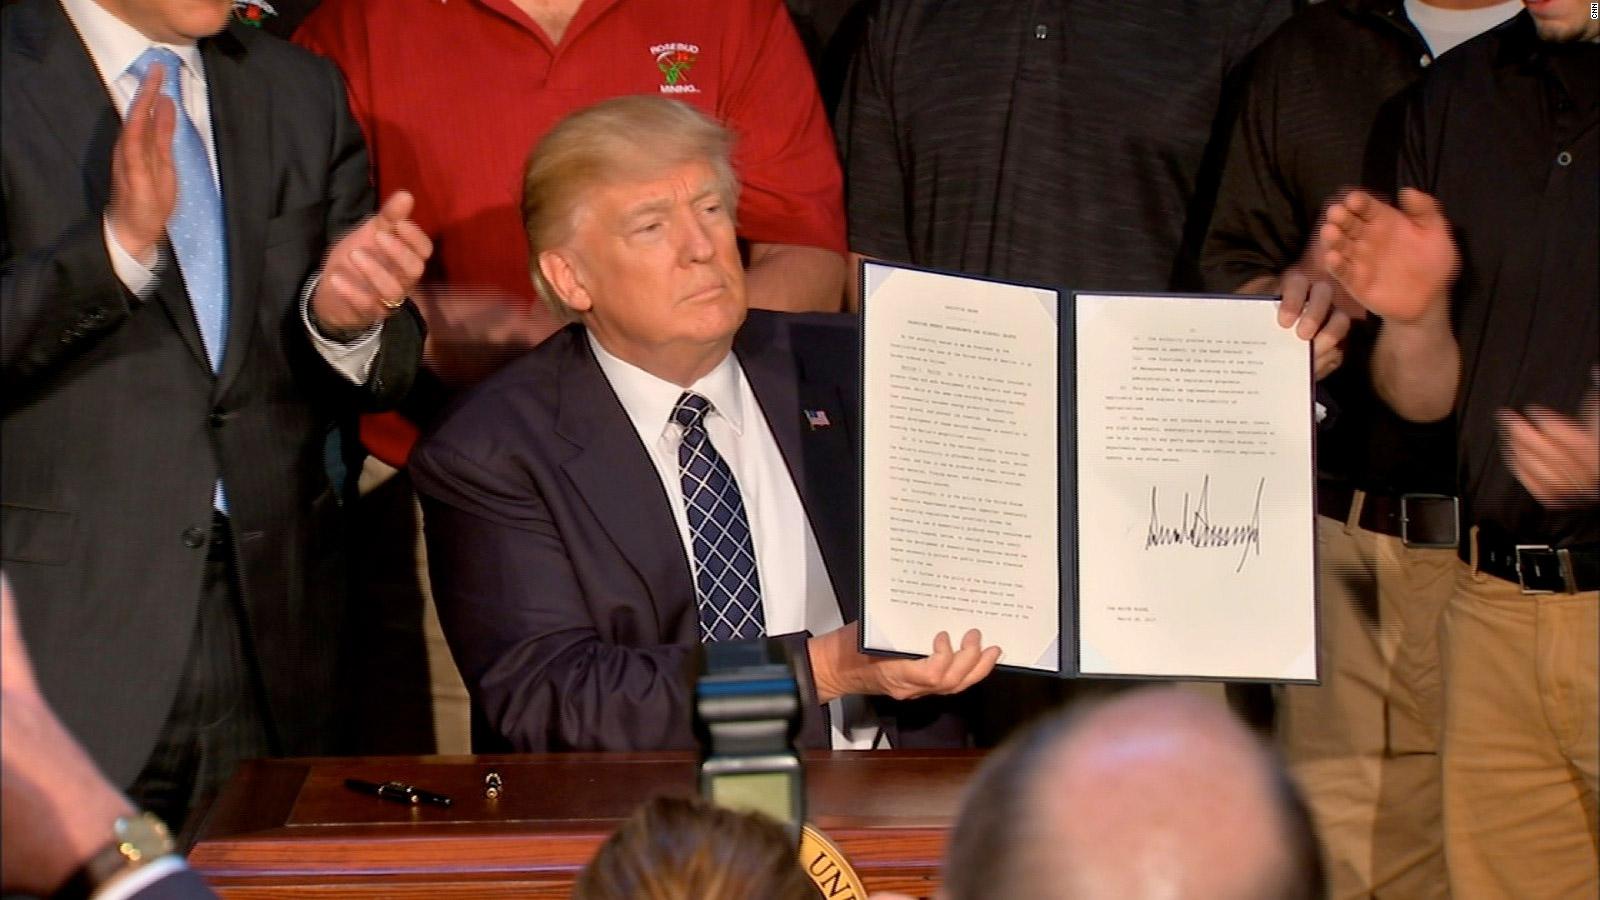 توقيع الرئيس الأميركي دونالد ترامب على تعديل  إجراءات حماية البيئة التي اتخذها سلفه باراك اوباما